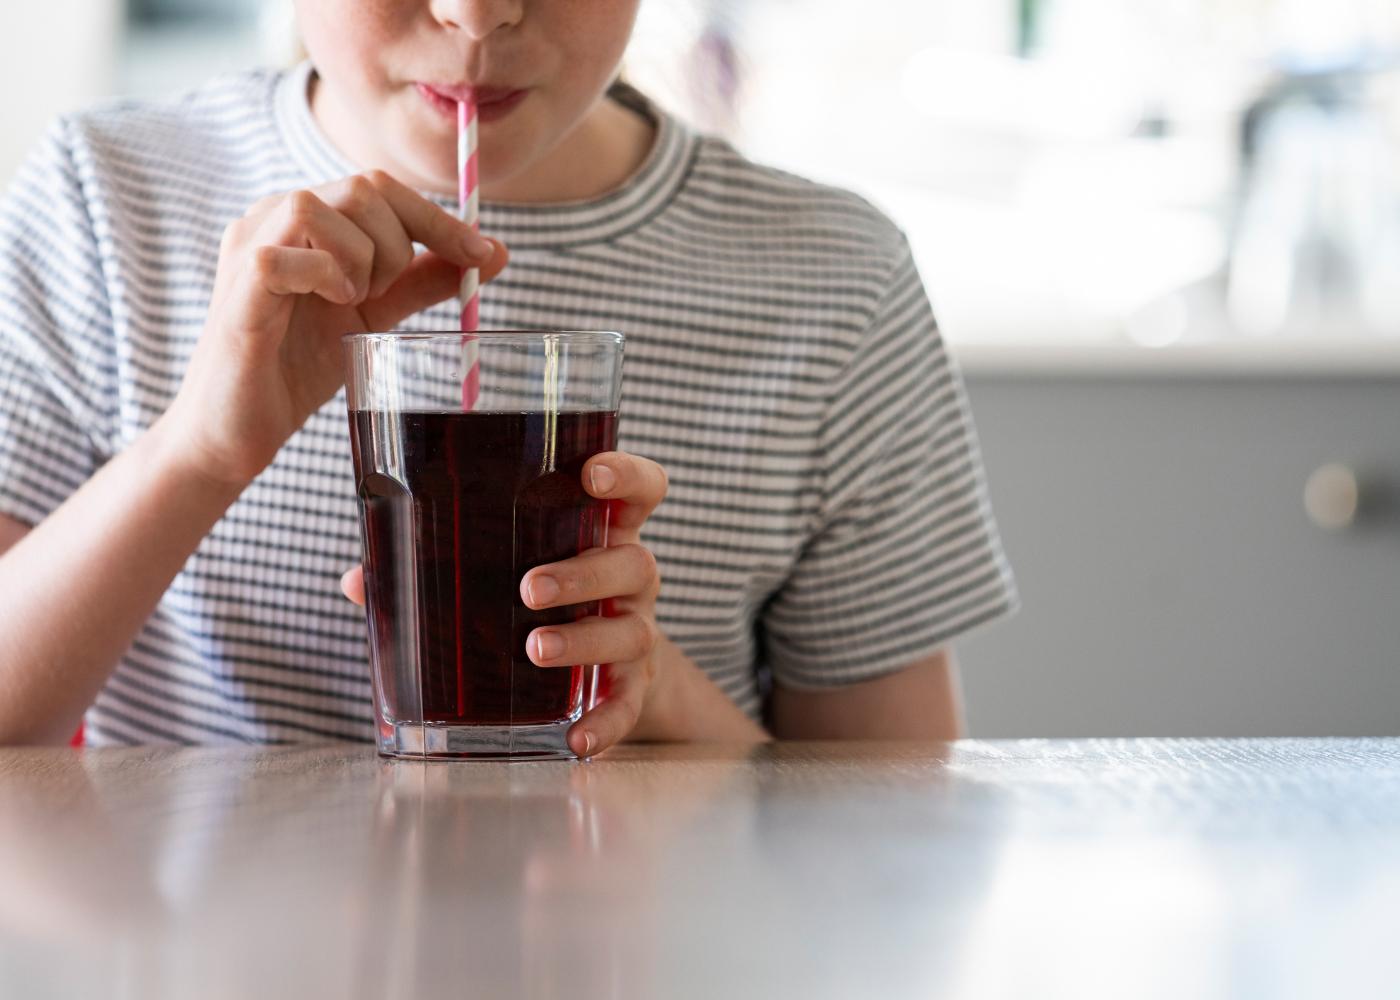 menino a beber refrigerante com açúcar num copo de vidro